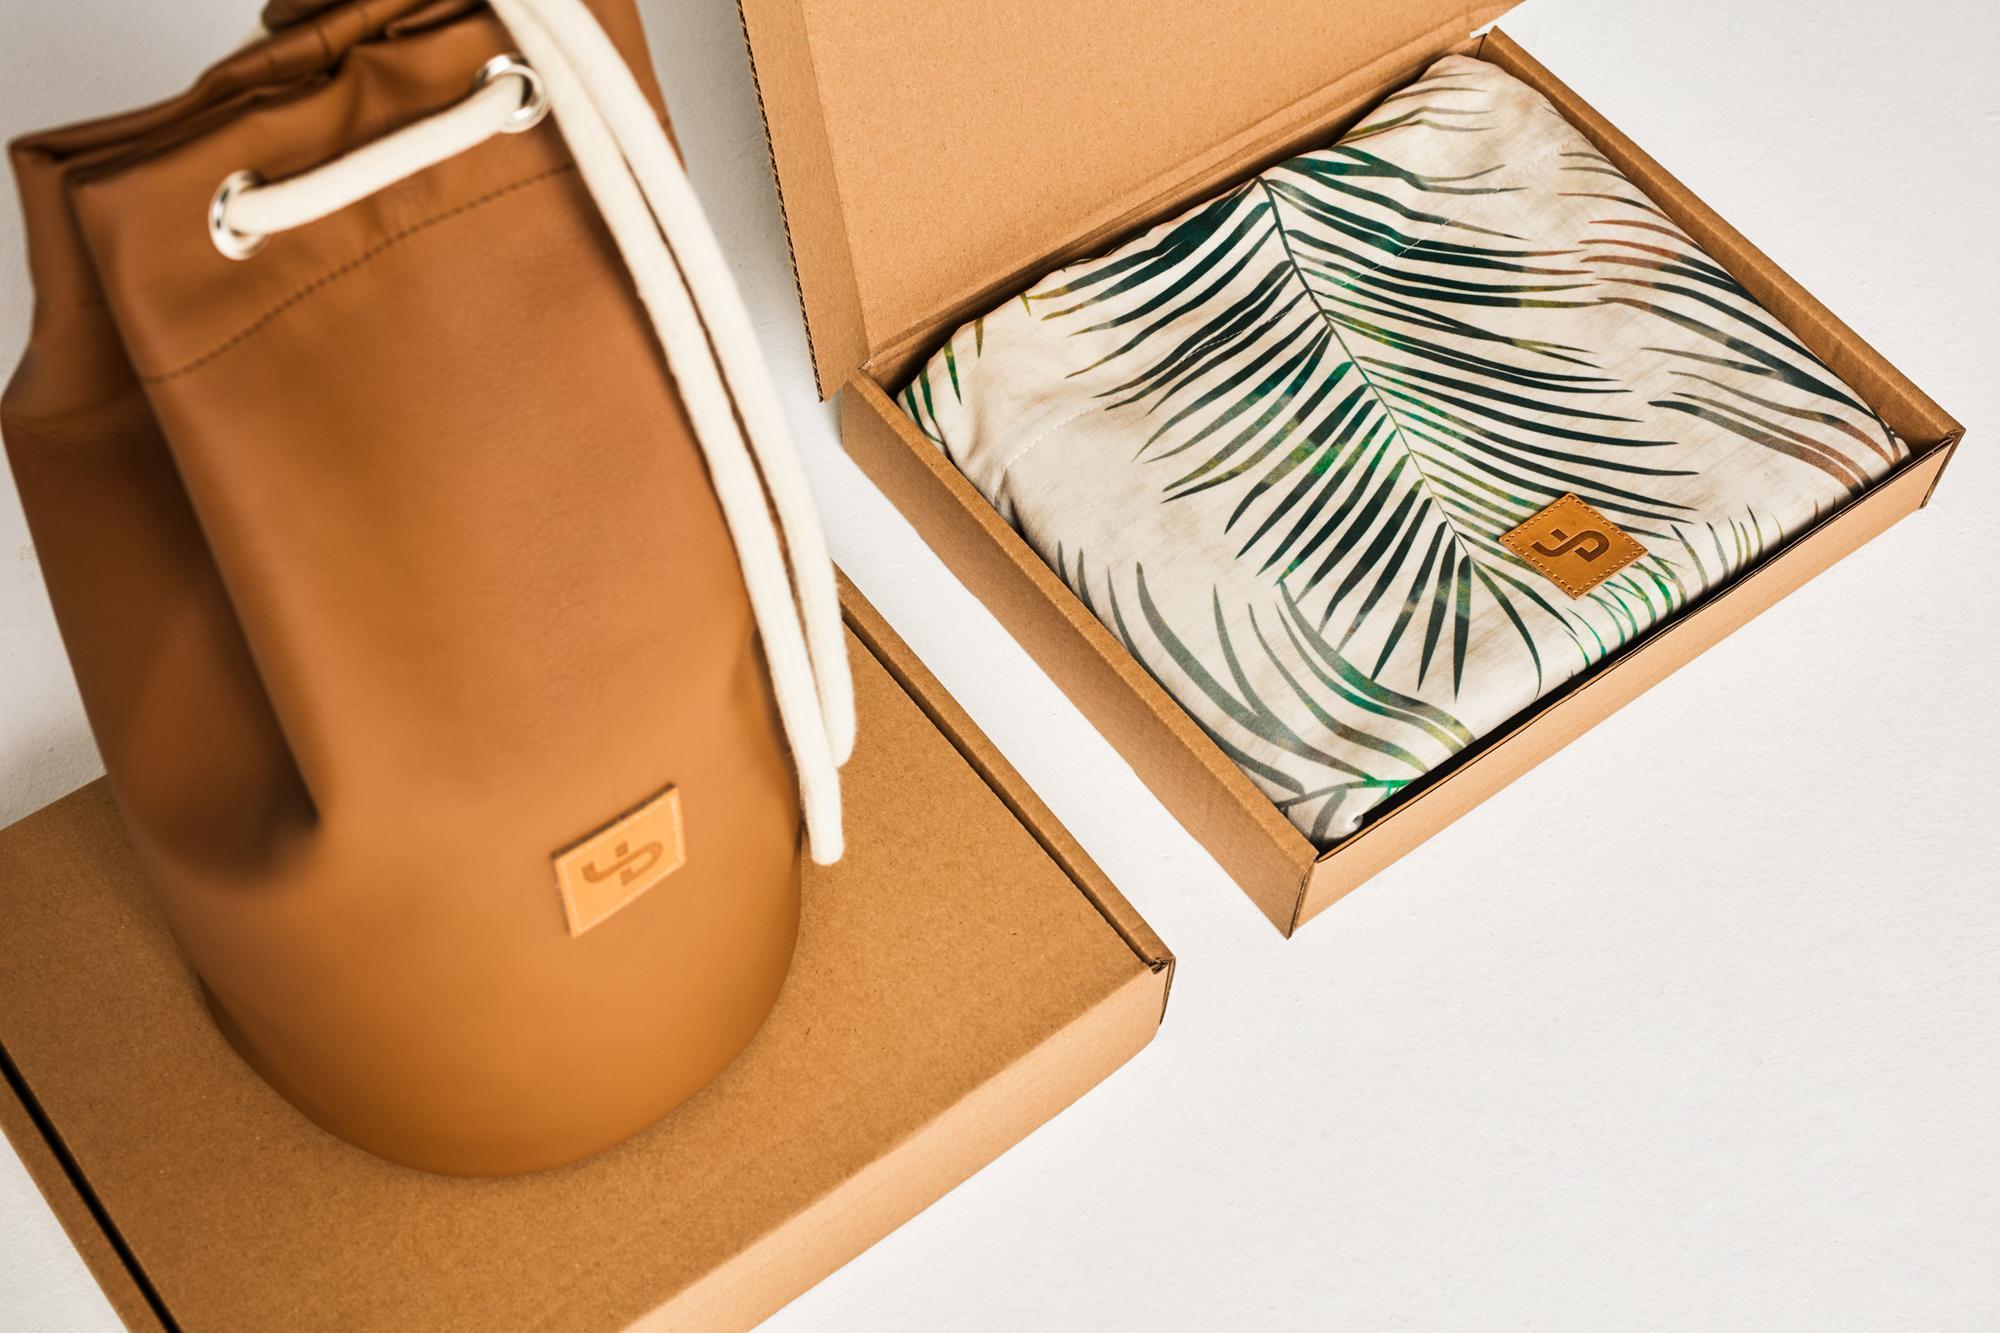 Brązowy plecak-tuba / almond skóra syntetyczna brązowy nieprzemakalny wytrzymały na wyjazd - Lootbag